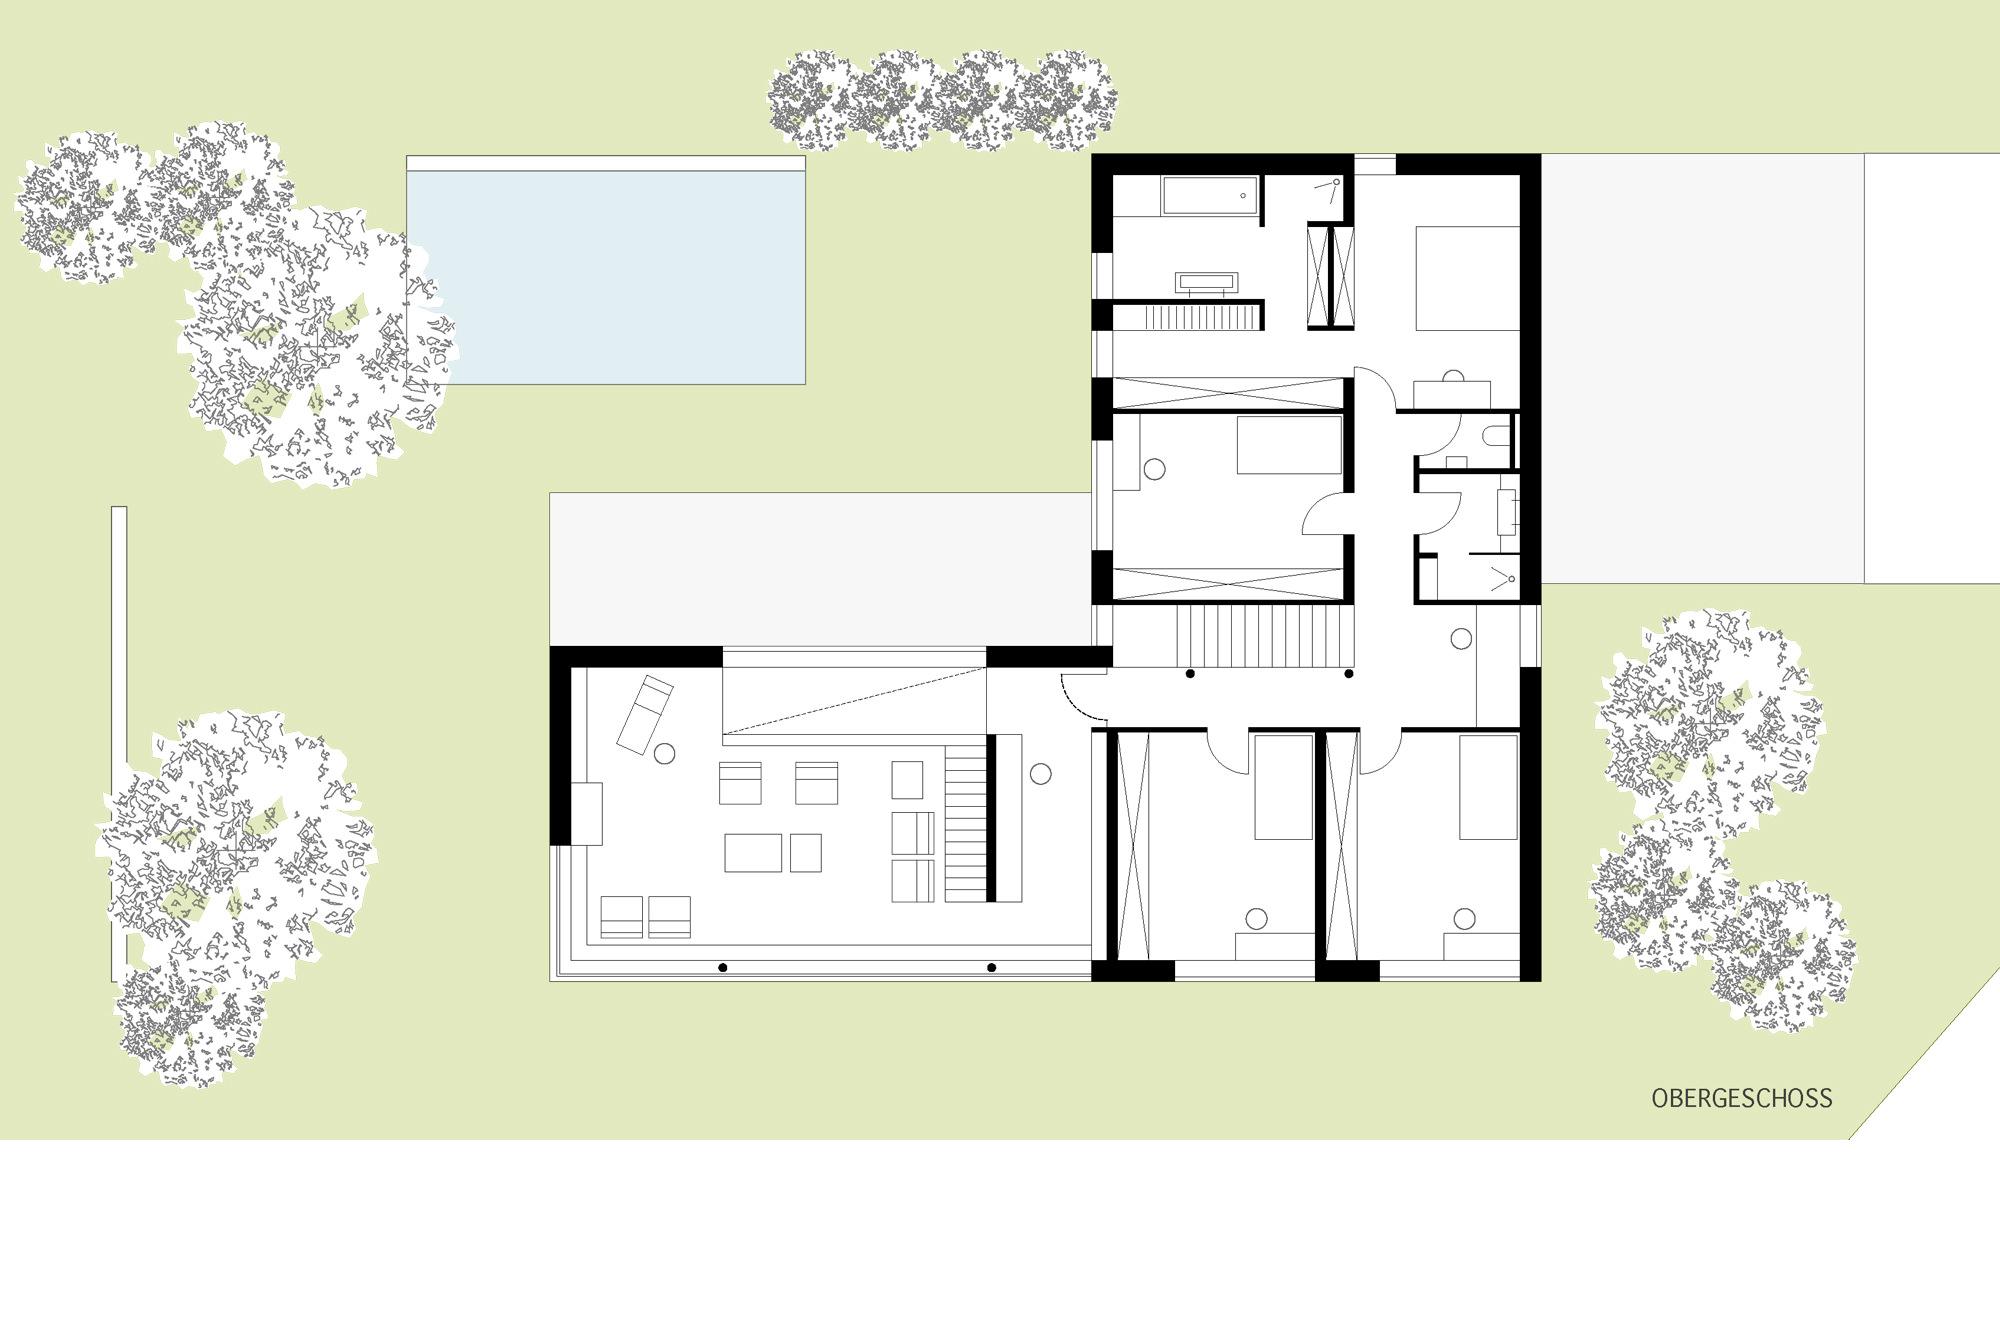 haus_ku_04_hofhaus_in_moerbisch_burgenland_junger_beer_architektur